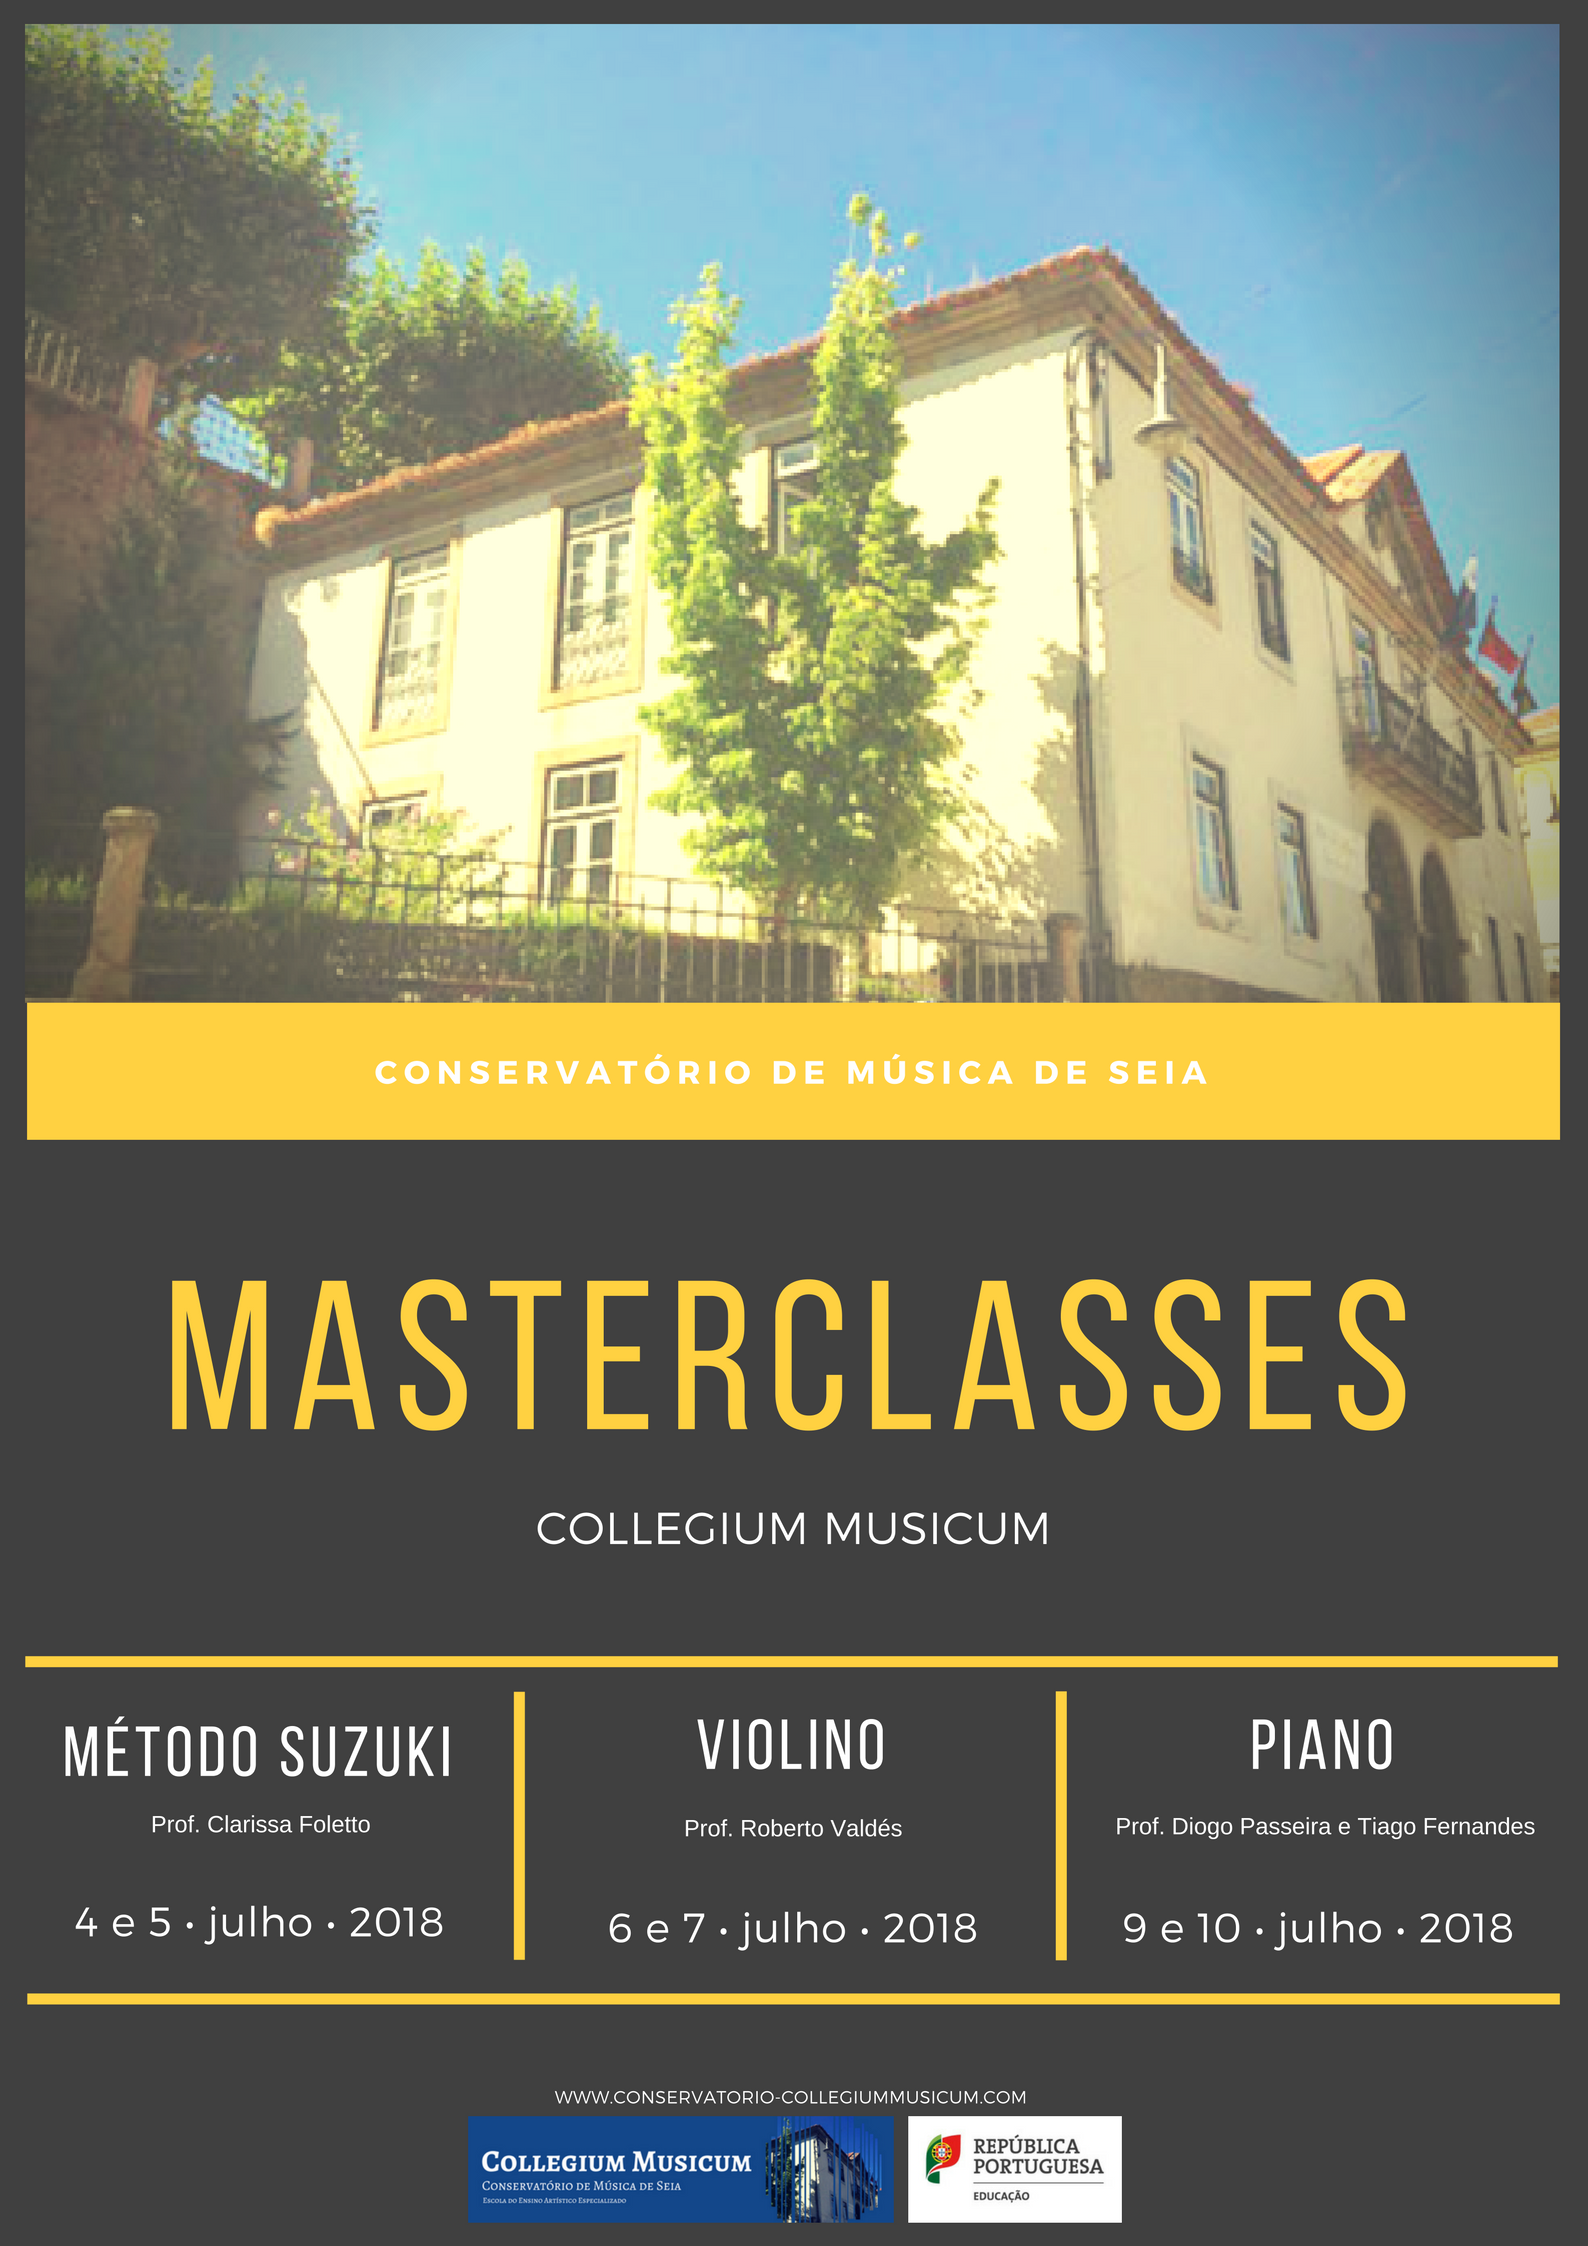 Masterclasses Collegium Musicum